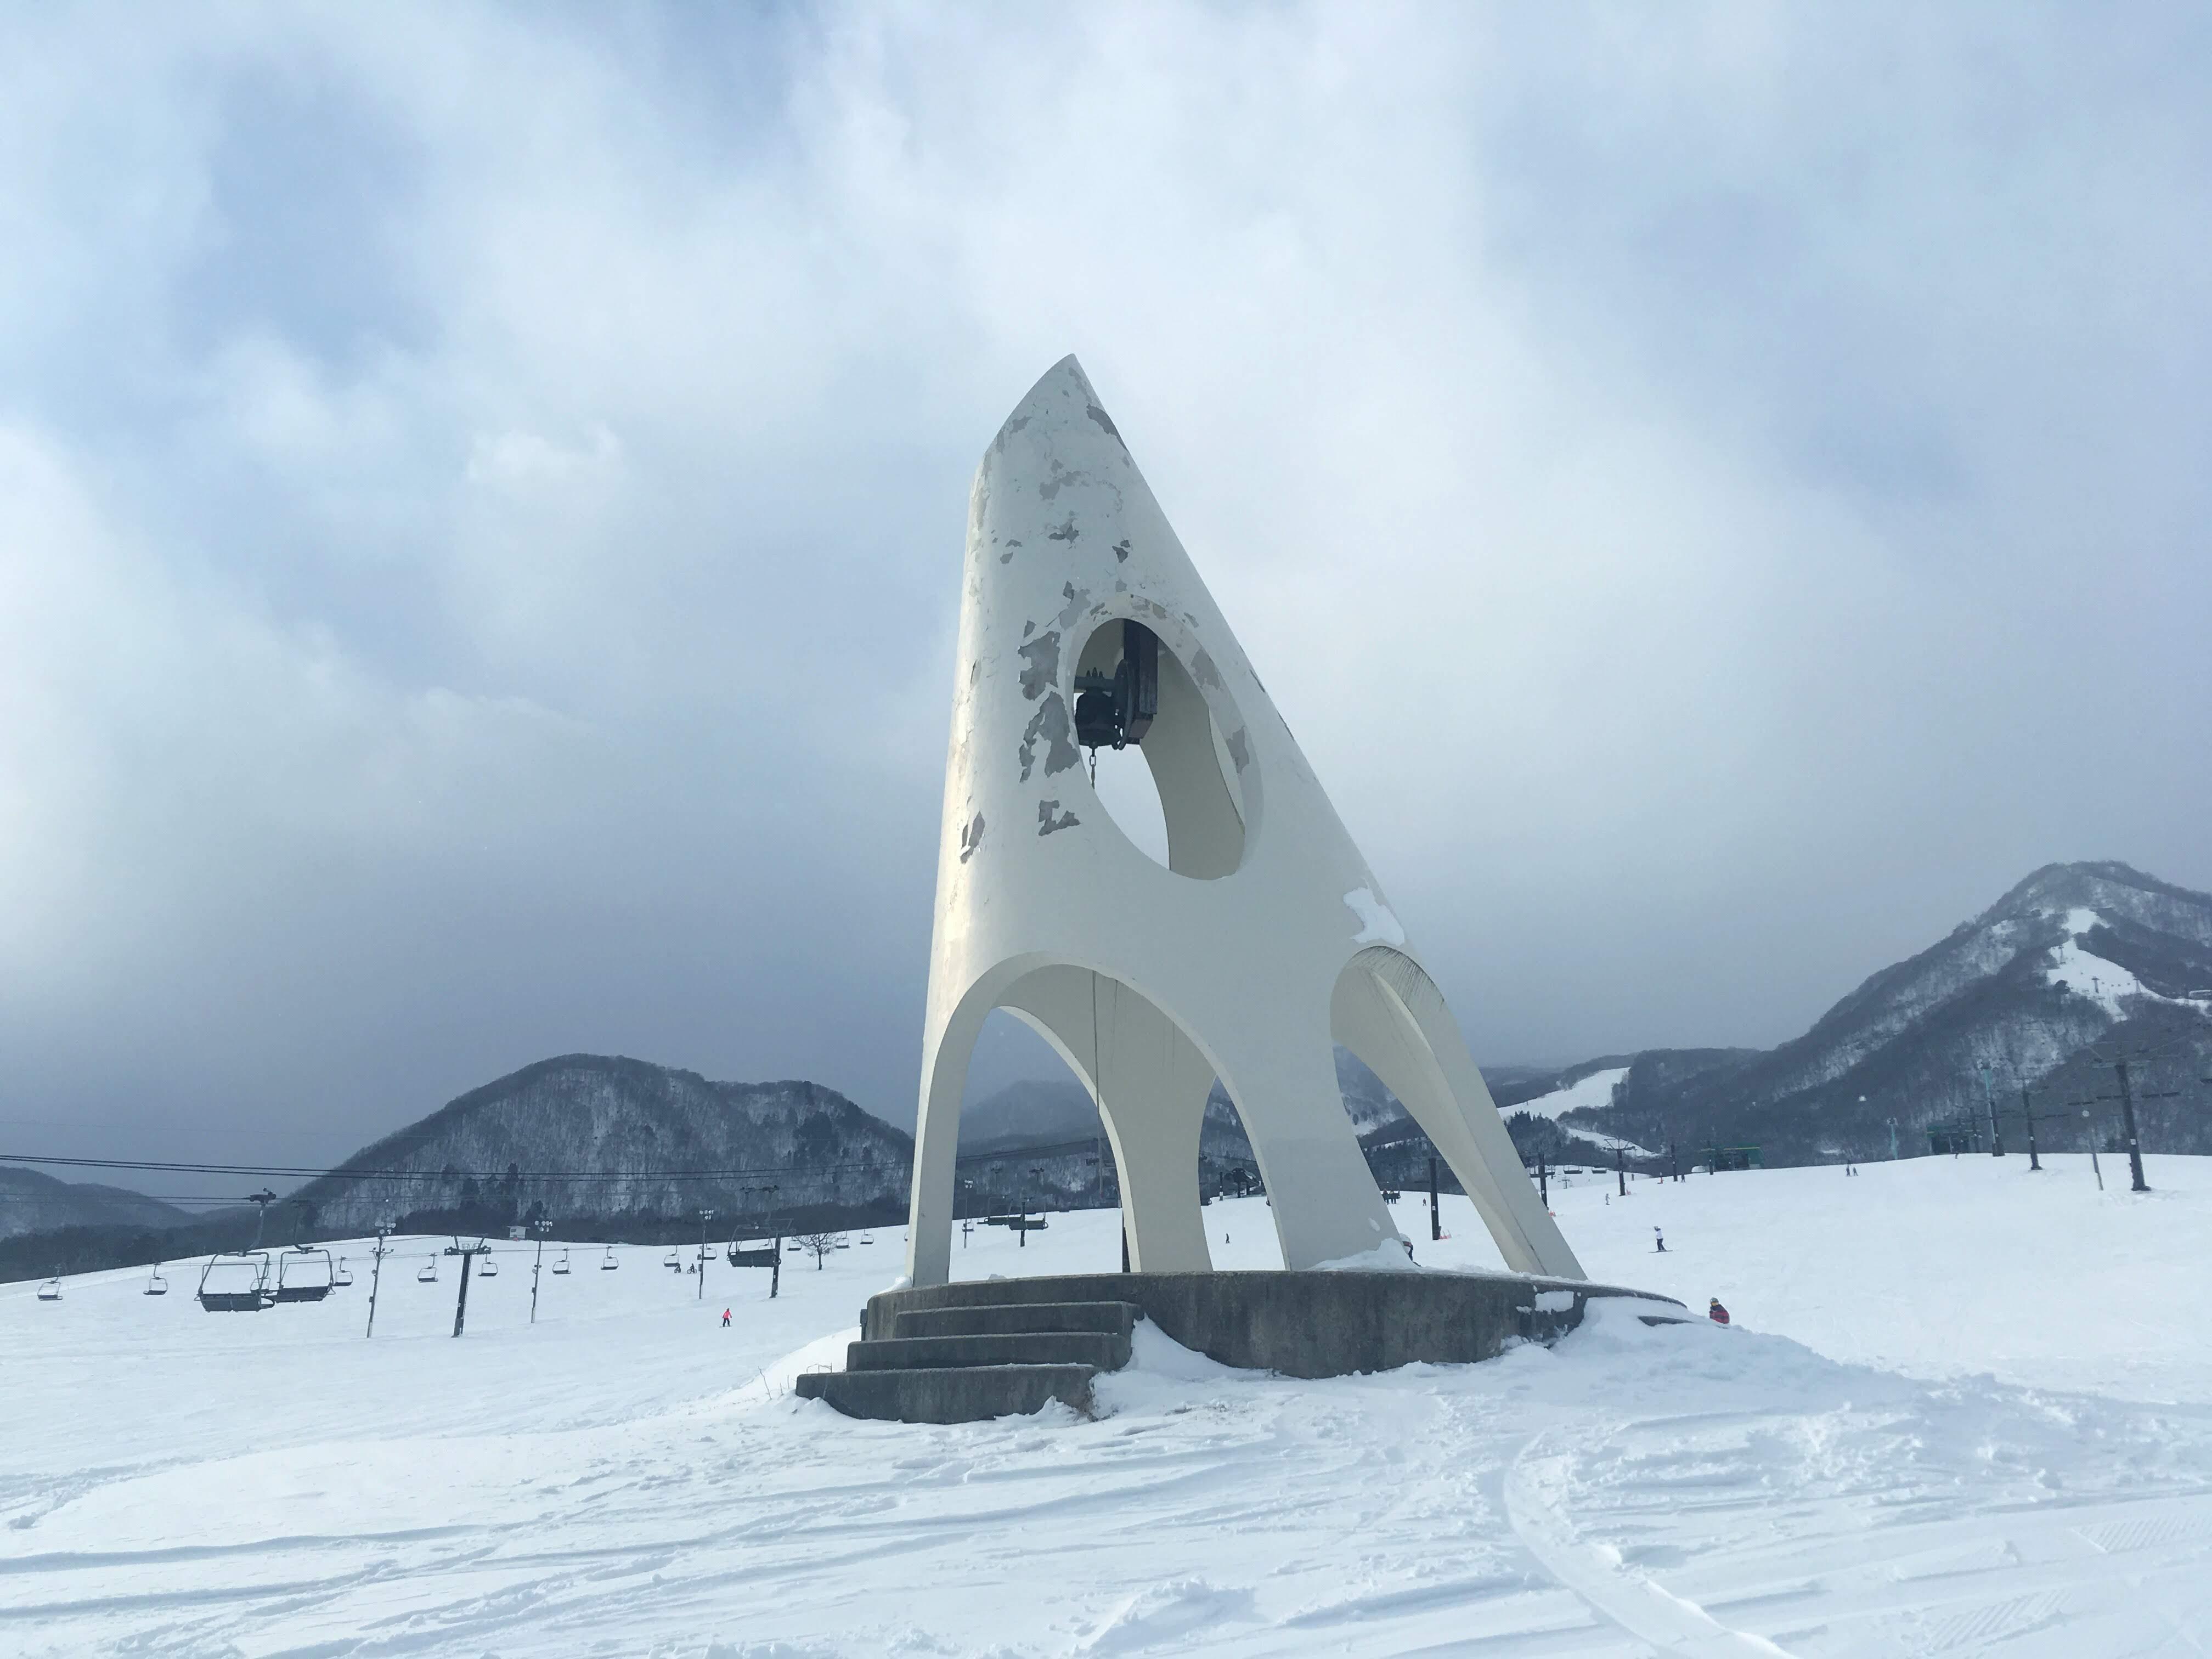 栂池高原スキー場のとんがり帽子の塔